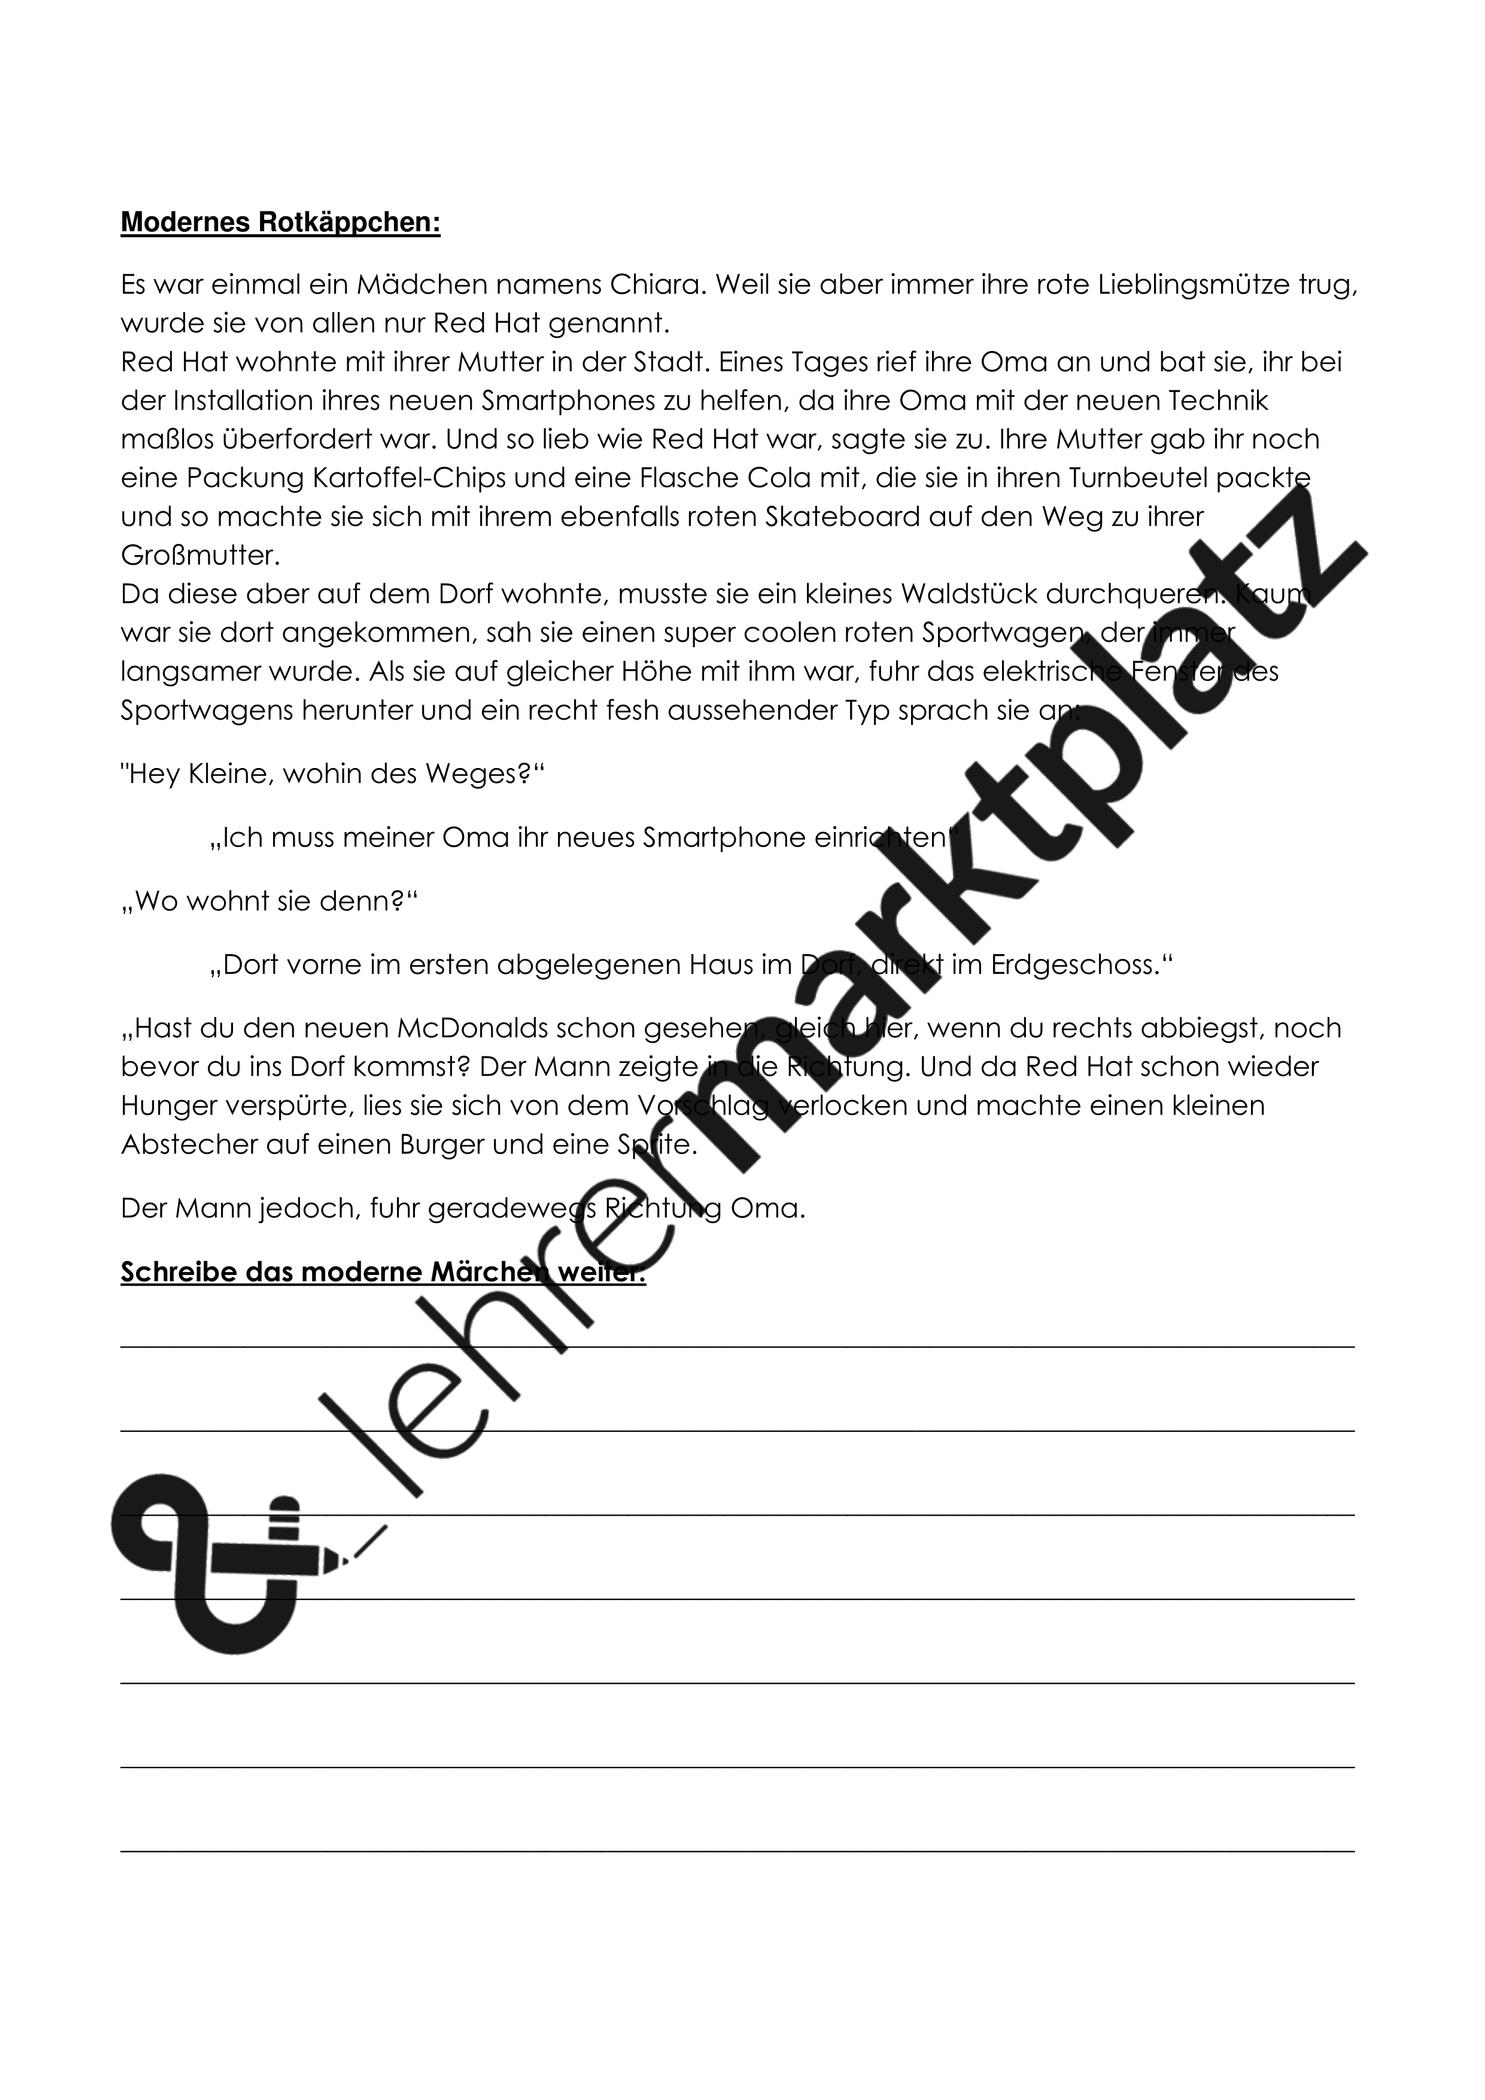 Modernes Marchen Rotkappchen Unterrichtsmaterial Im Fach Deutsch Modernes Marchen Unterrichtsmaterial Schreibkonferenz